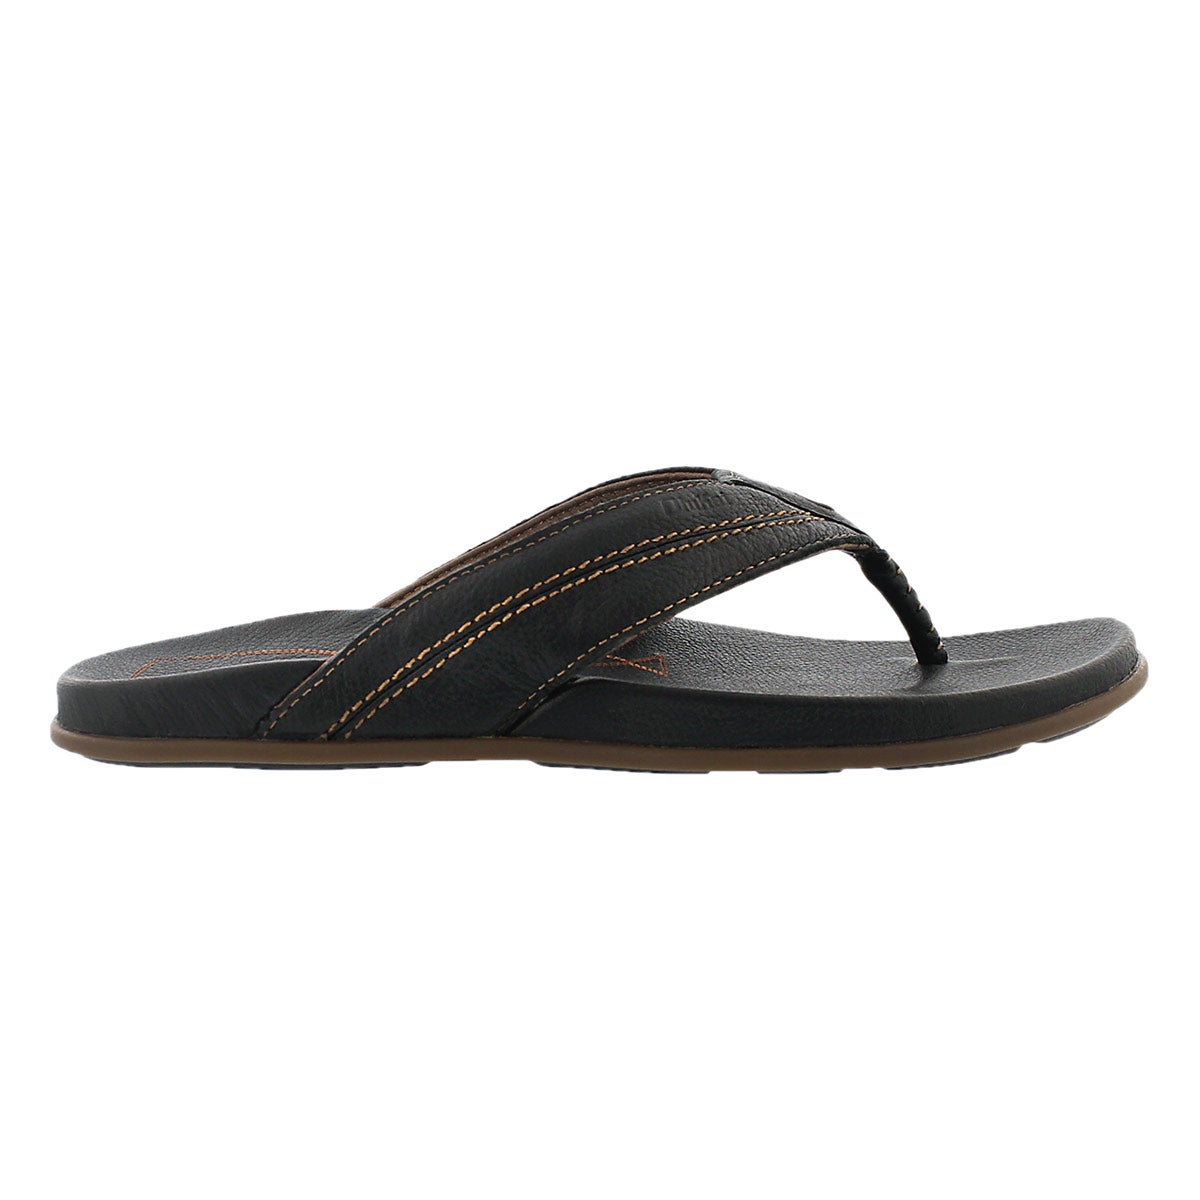 Mns Mohalu black thong sandal